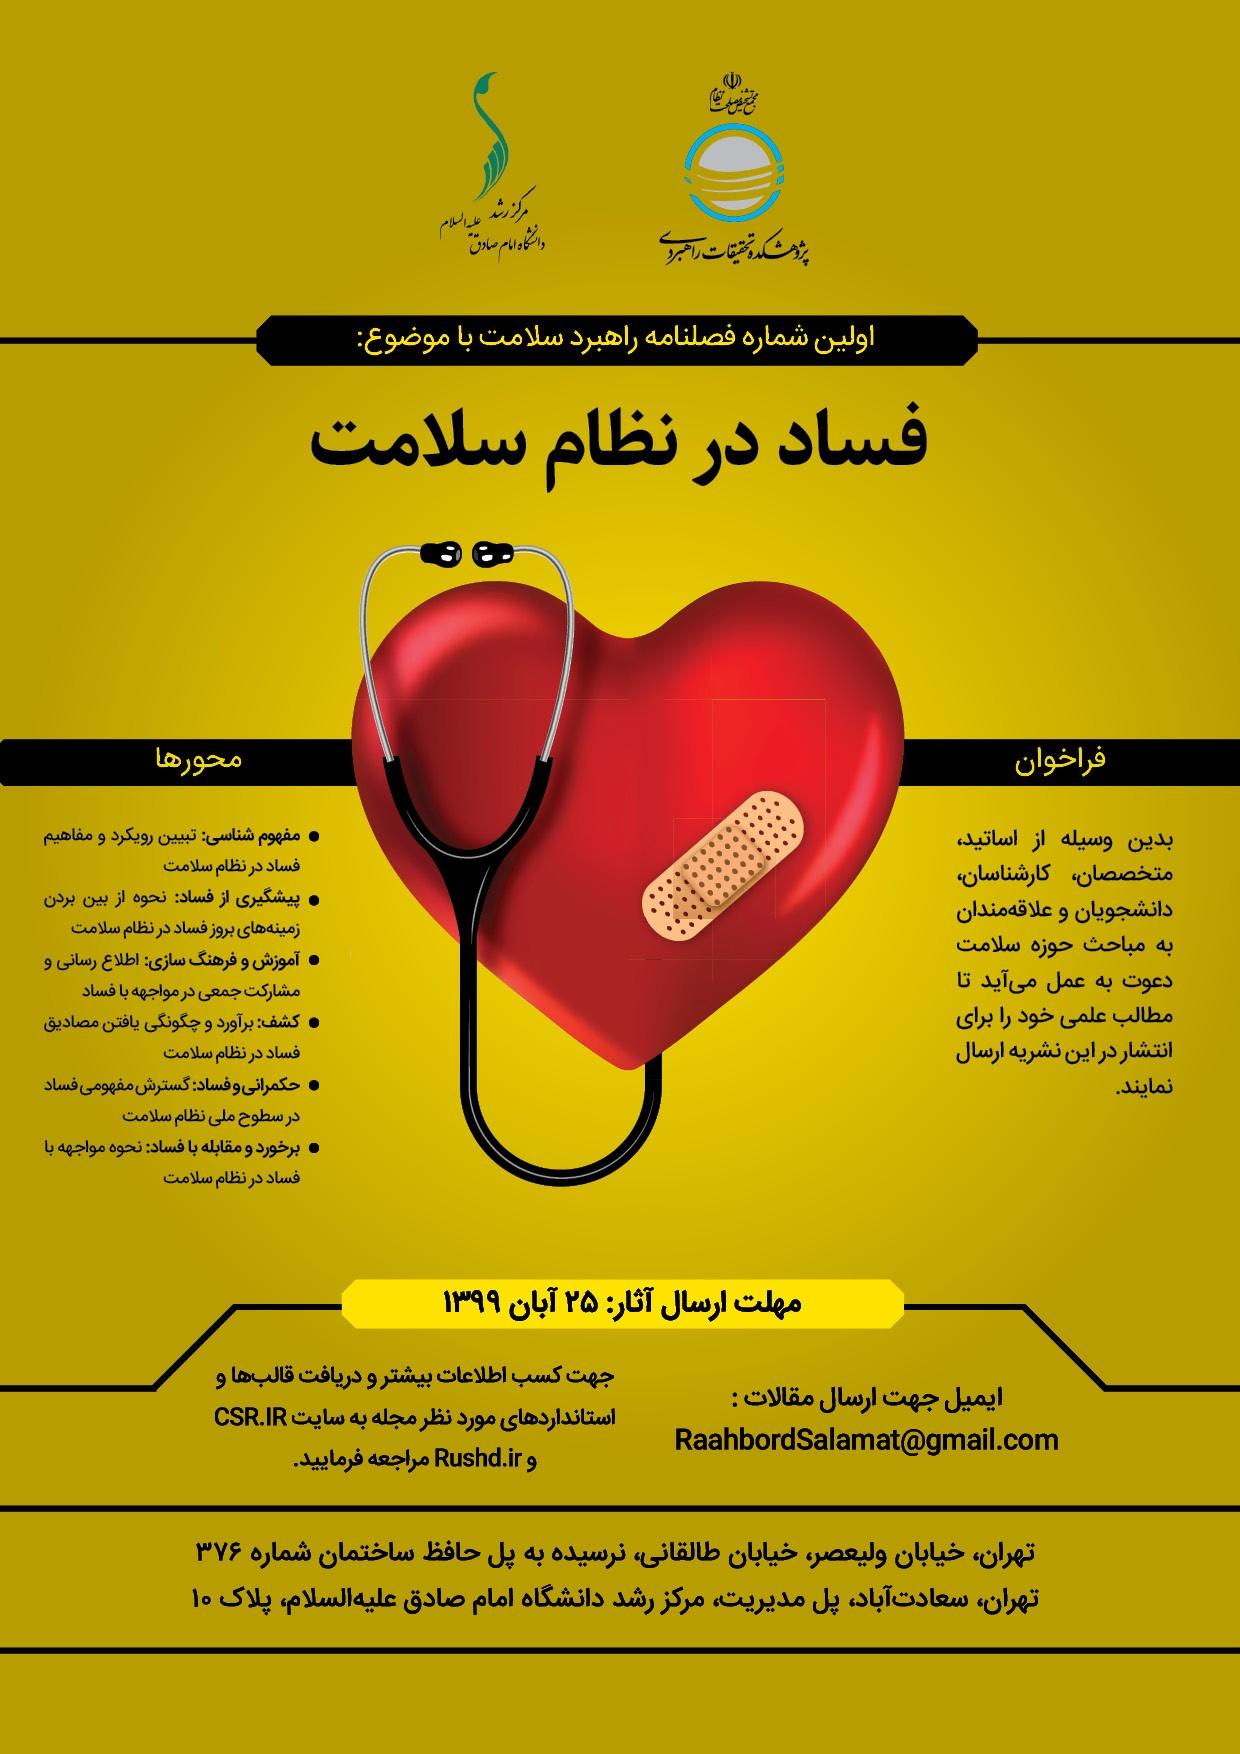 آسیبشناسی نظام سلامت در جمهوری اسلامی ایران از منظر فساد